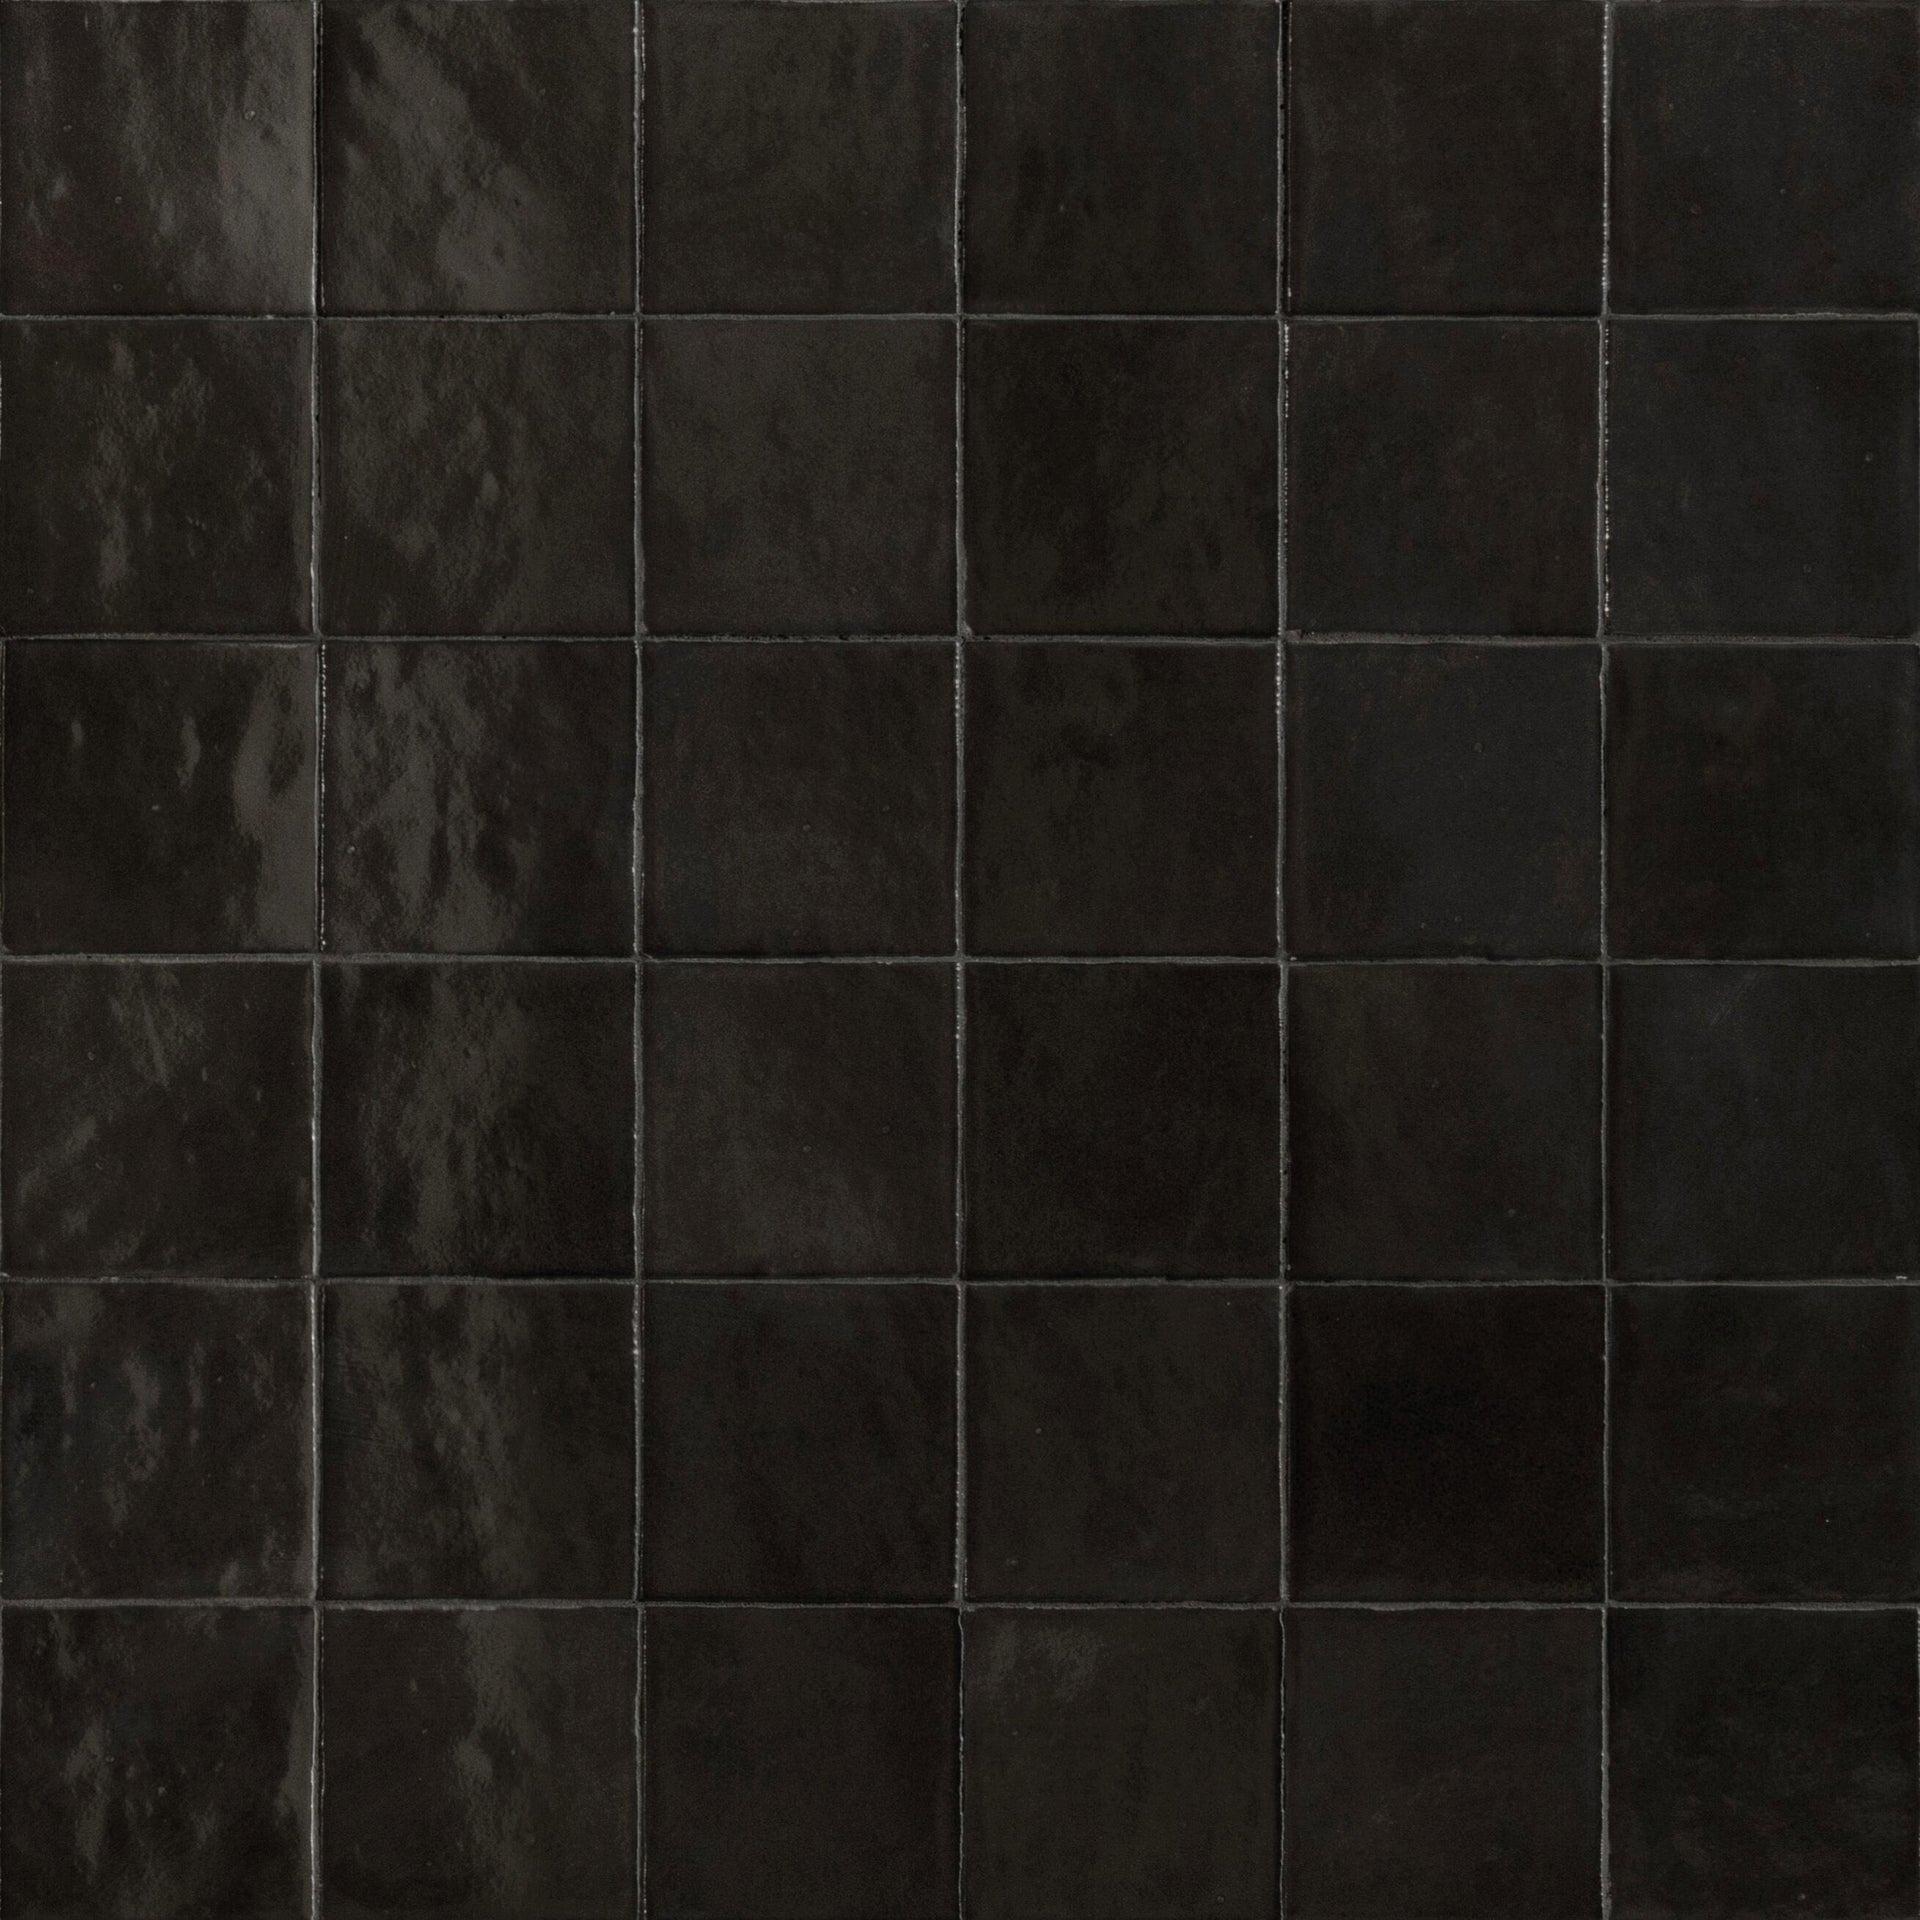 Piastrella per rivestimenti Zelli 10 x 10 cm sp. 10 mm nero - 2